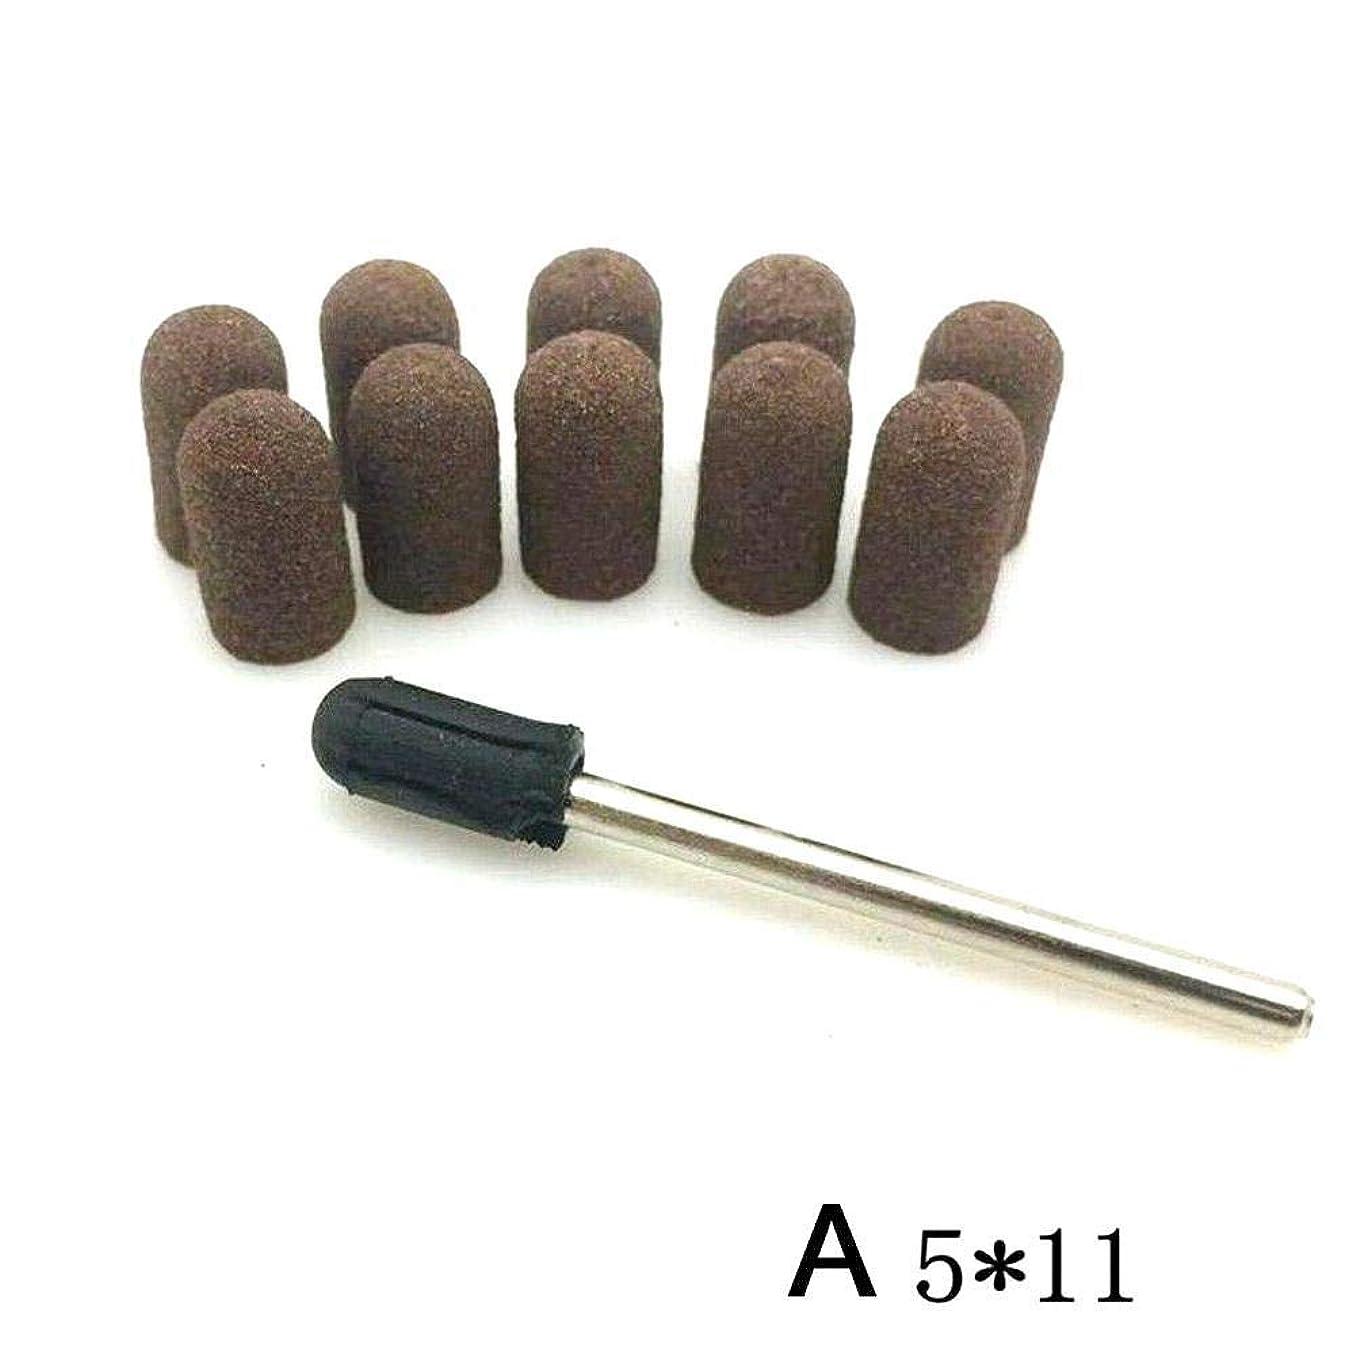 グロートレイ欠伸(トラベリング ライト) Traveling Light 爪やすり ネイルアートの道具 爪の砂の輪の蓋の磨き 爪のケア (5*11(A))